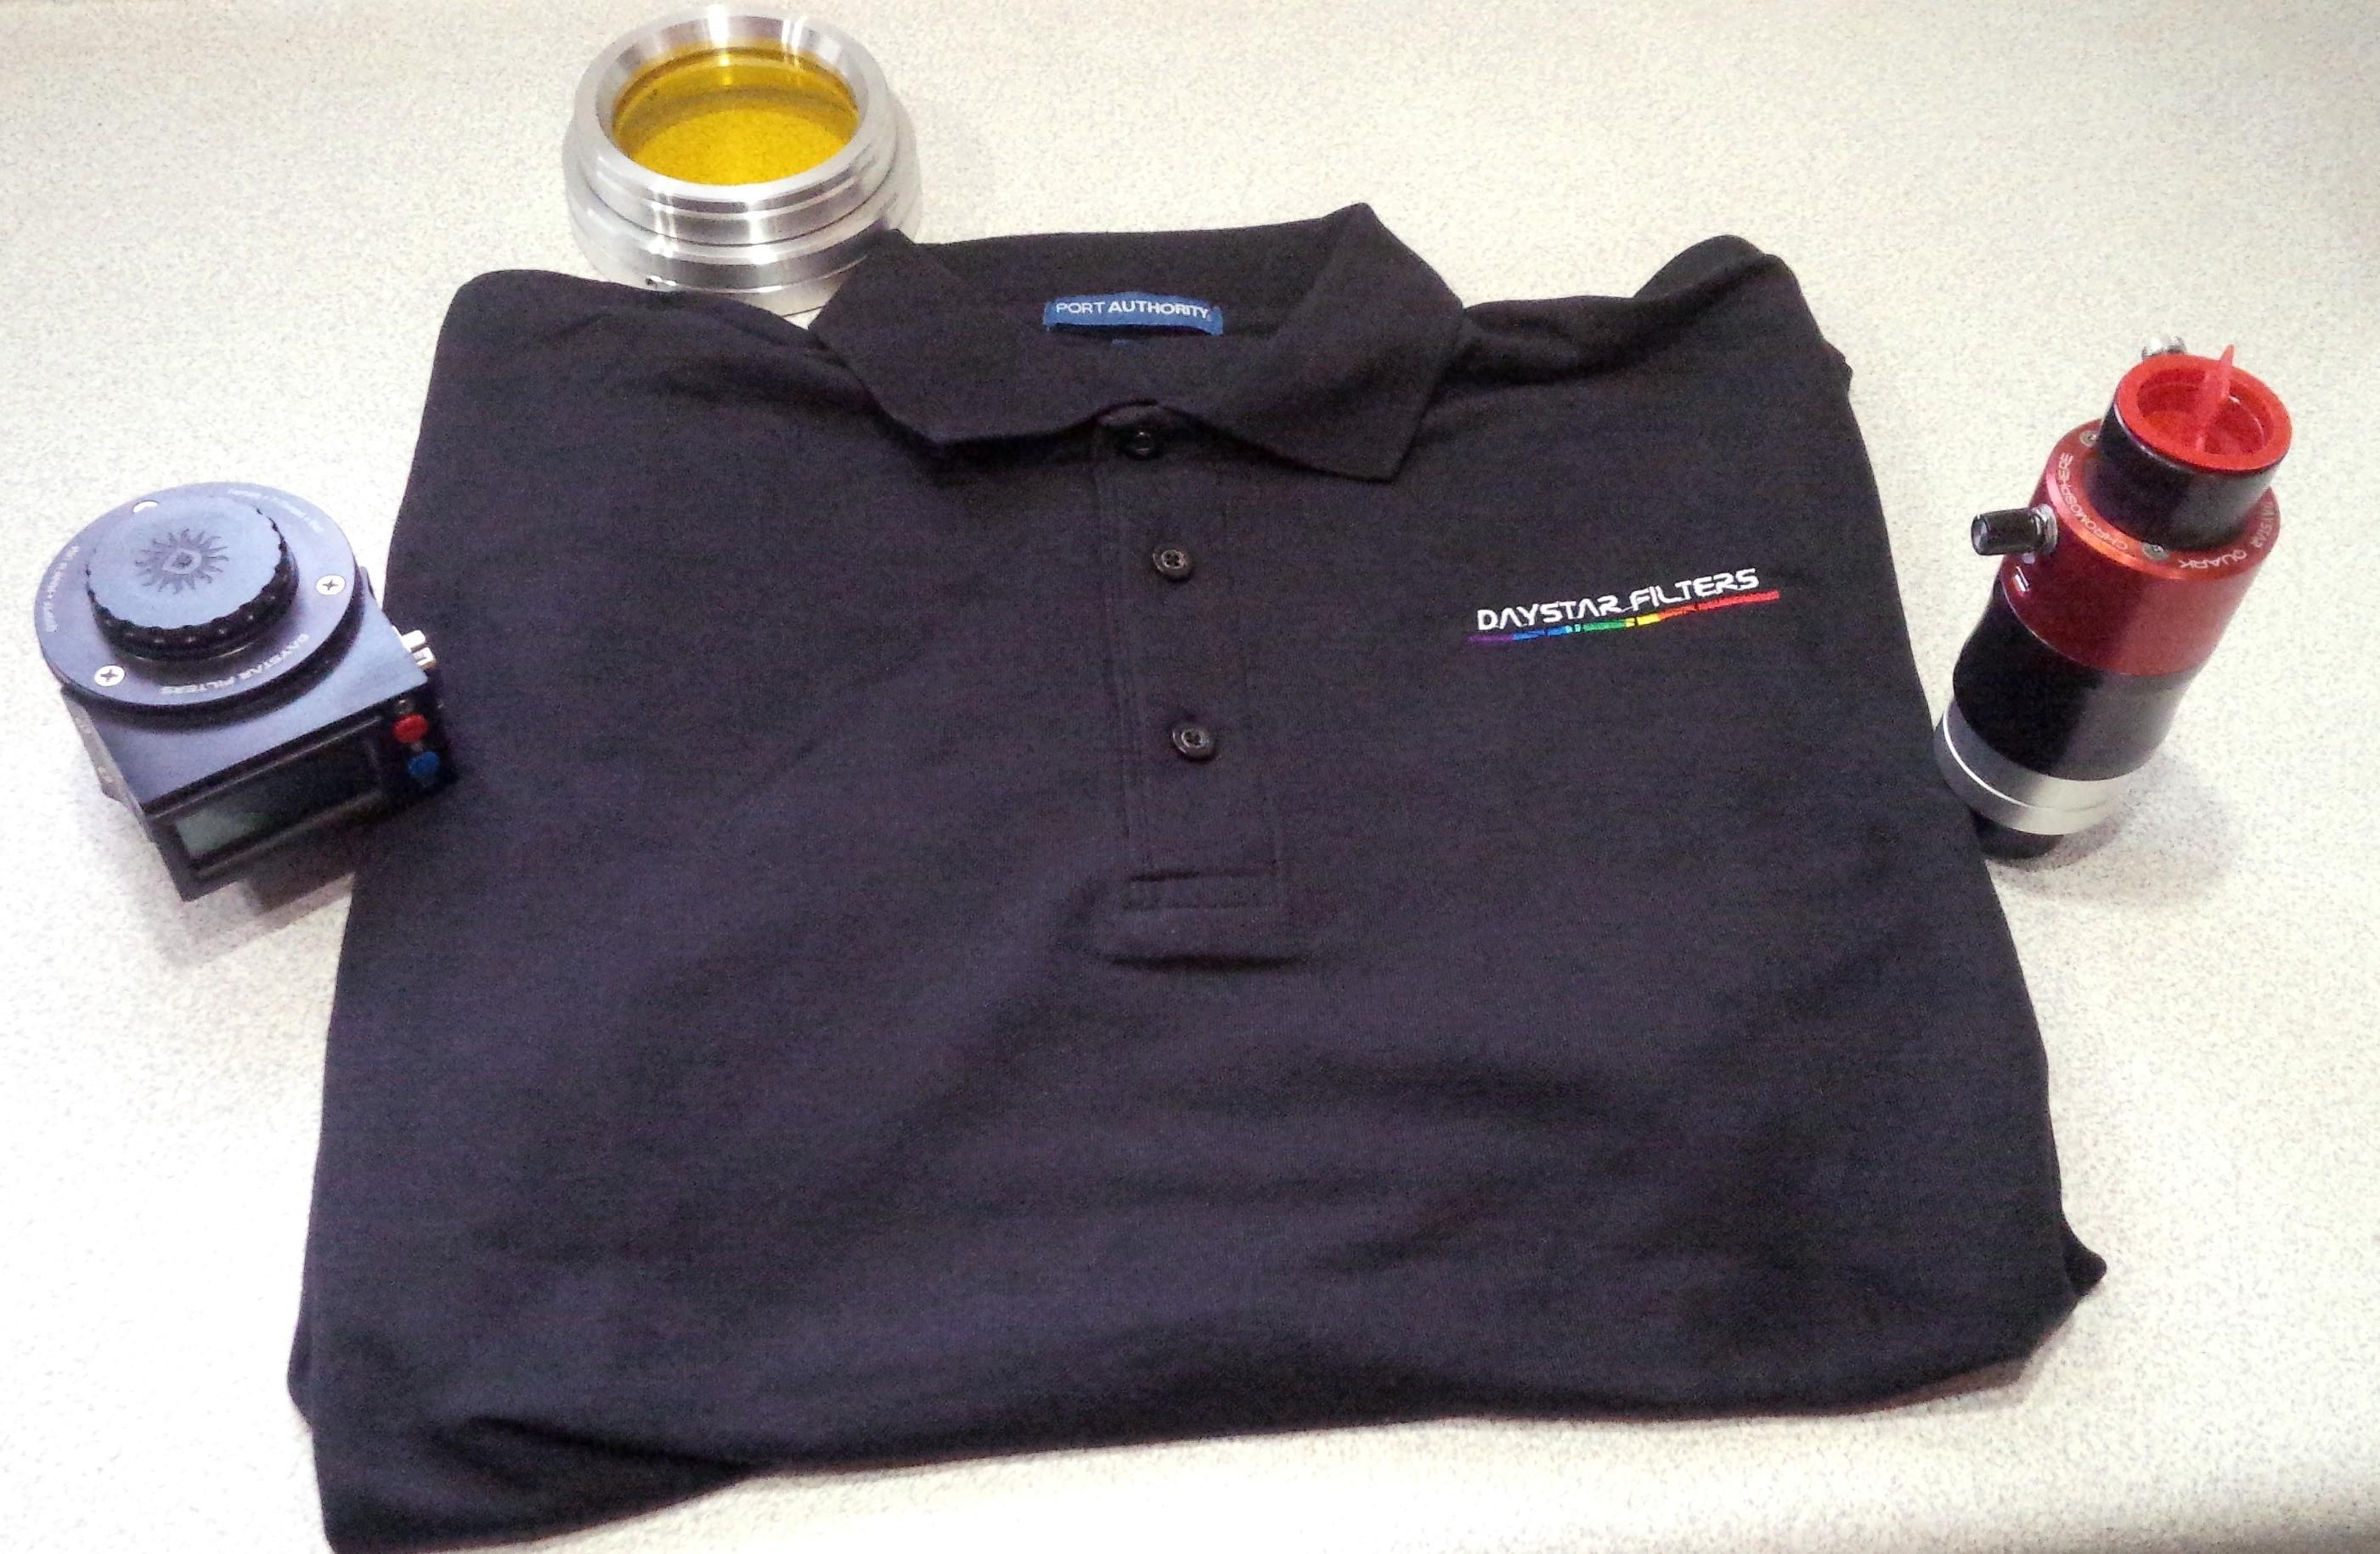 Daystar Polo Shirt